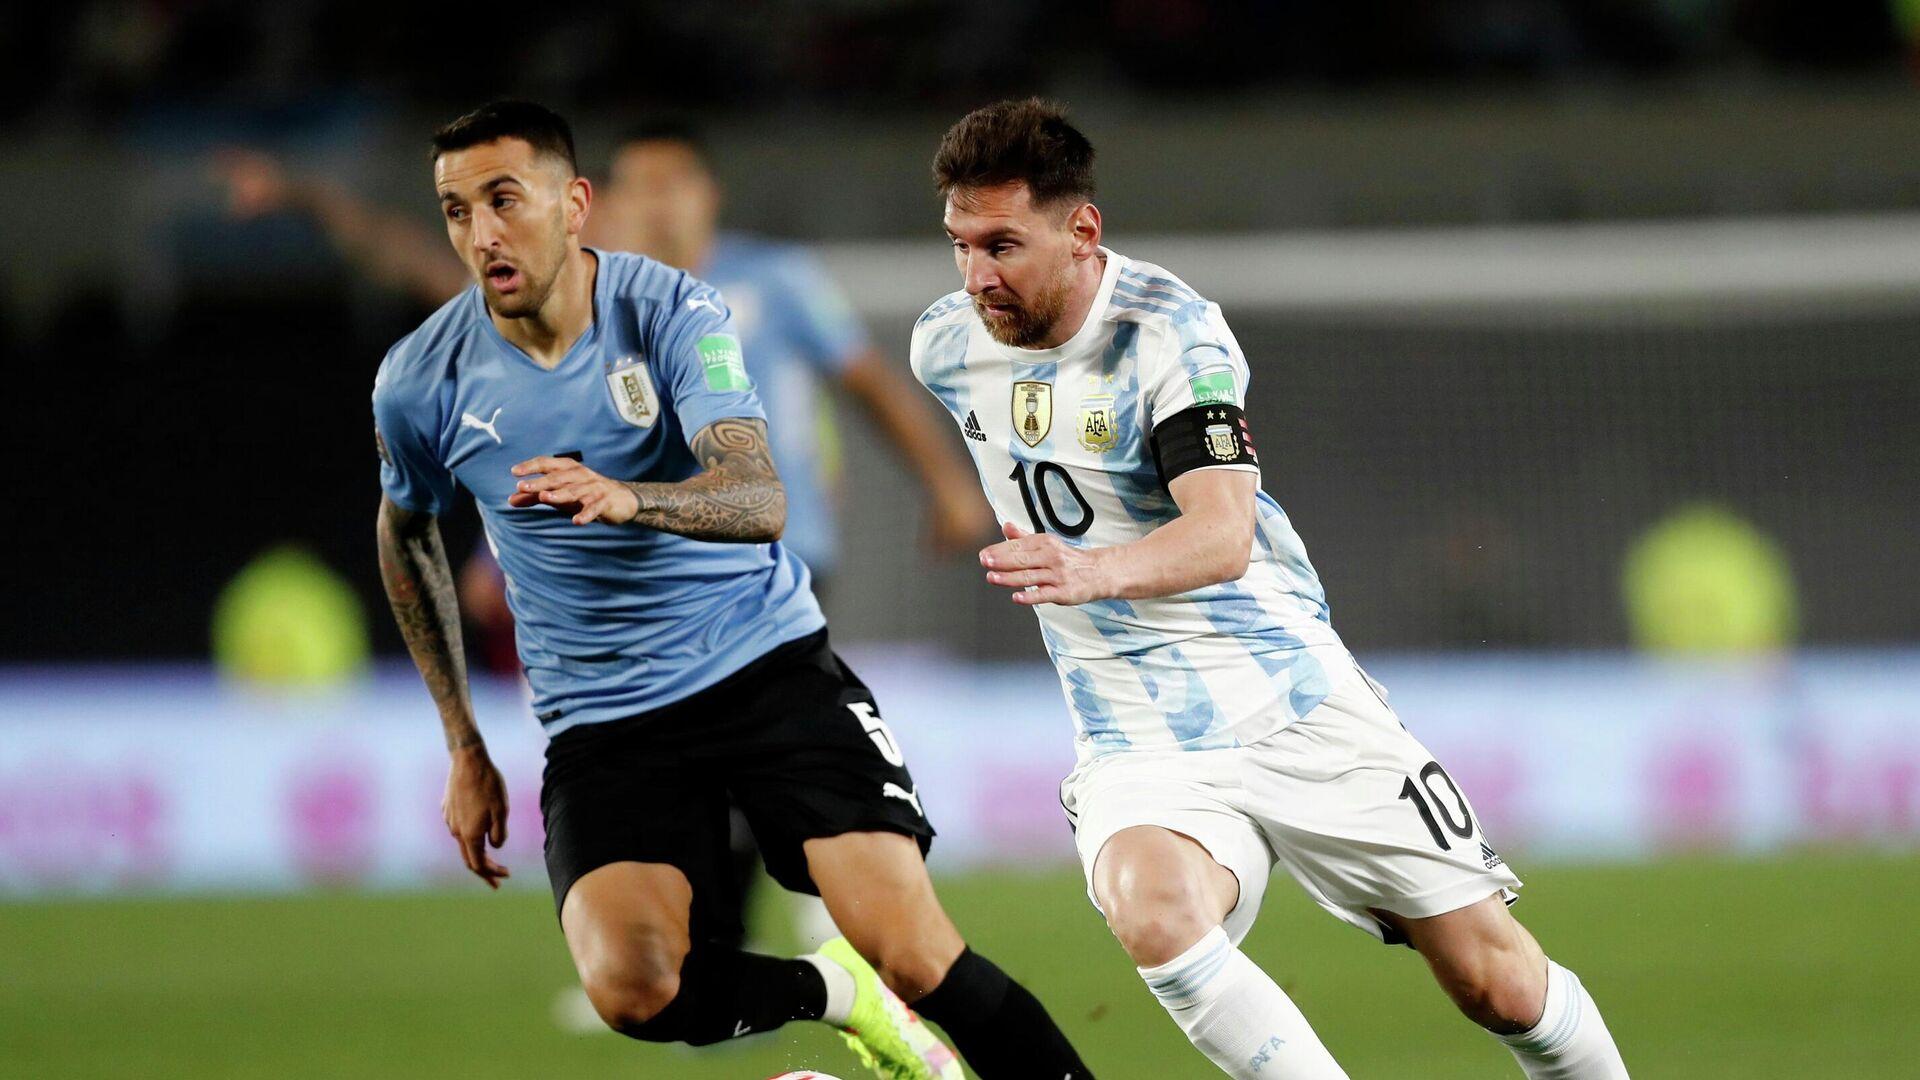 Partido de fútbol entre Argentina y Uruguay en las Eliminatorias a Catar 2022 - Sputnik Mundo, 1920, 11.10.2021